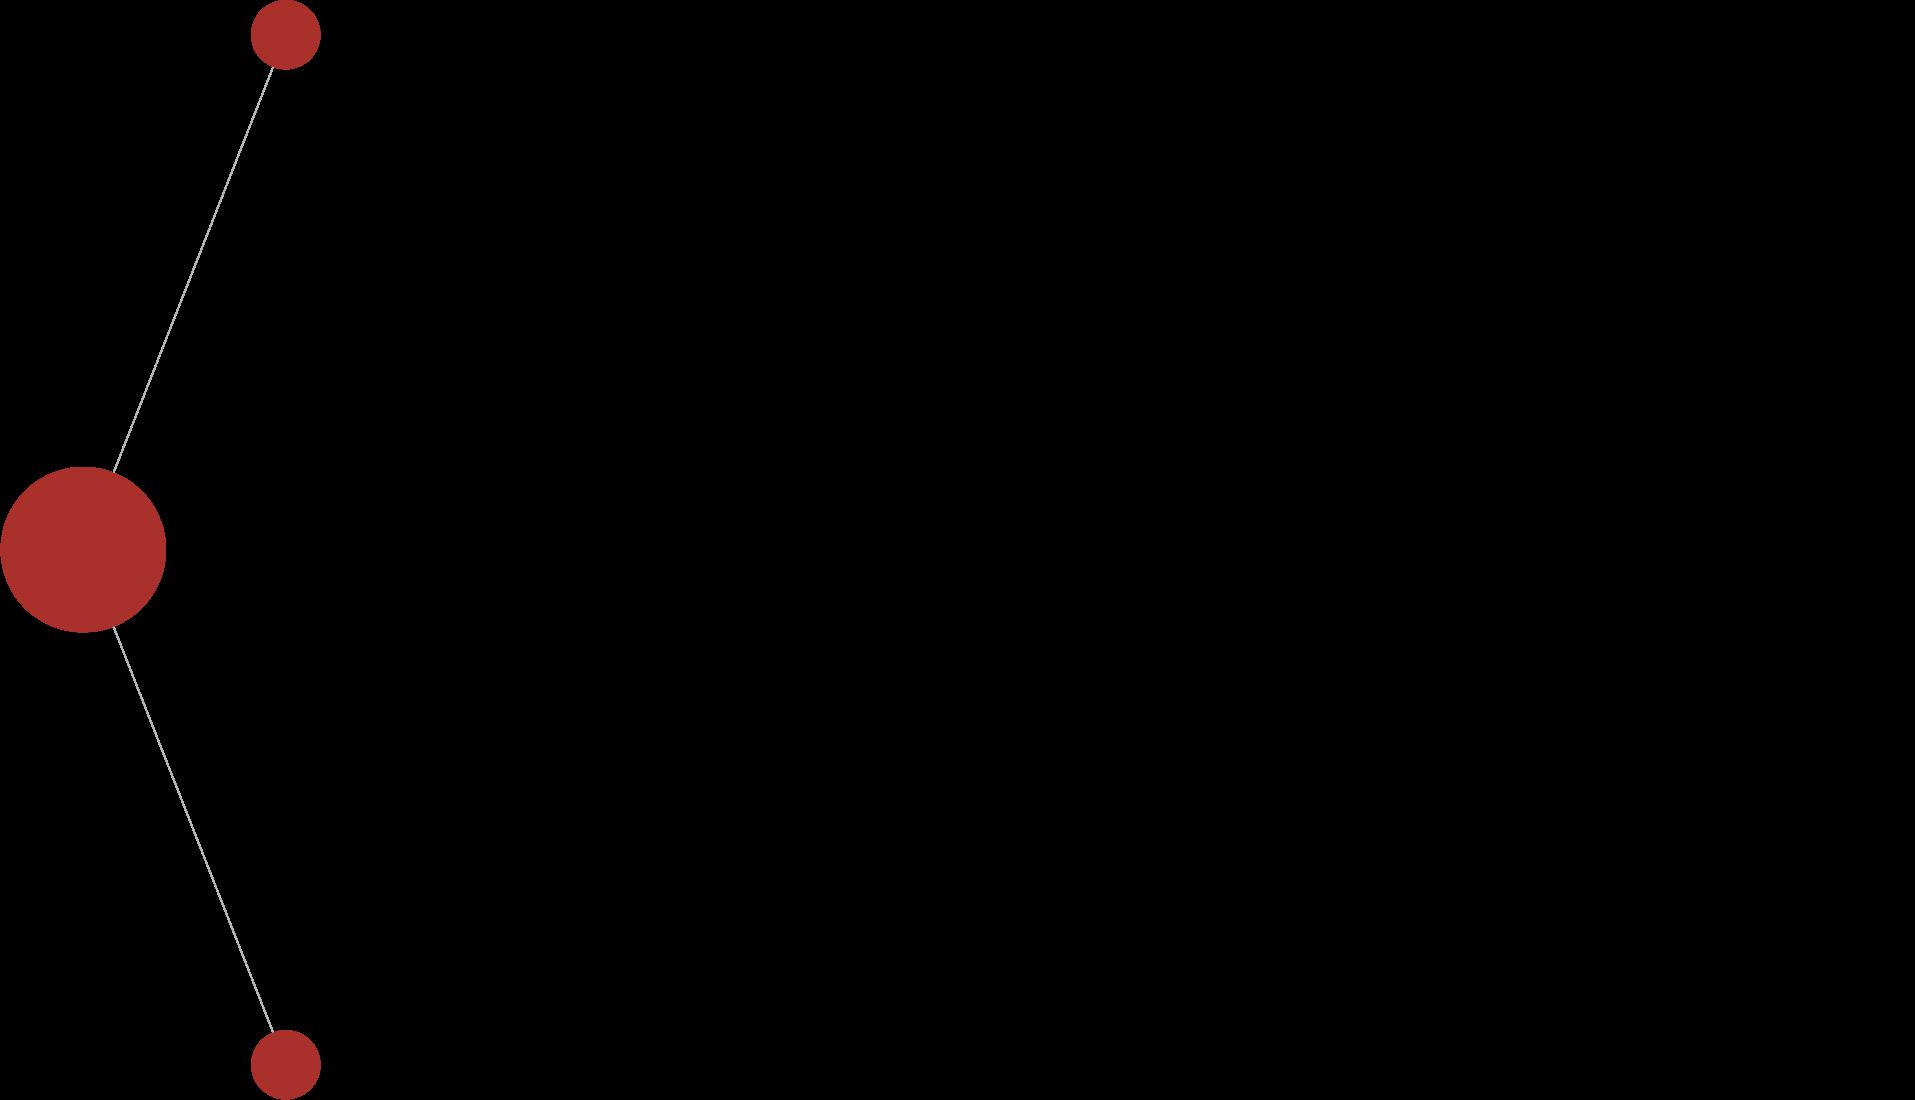 Logo Ecm Quality Network